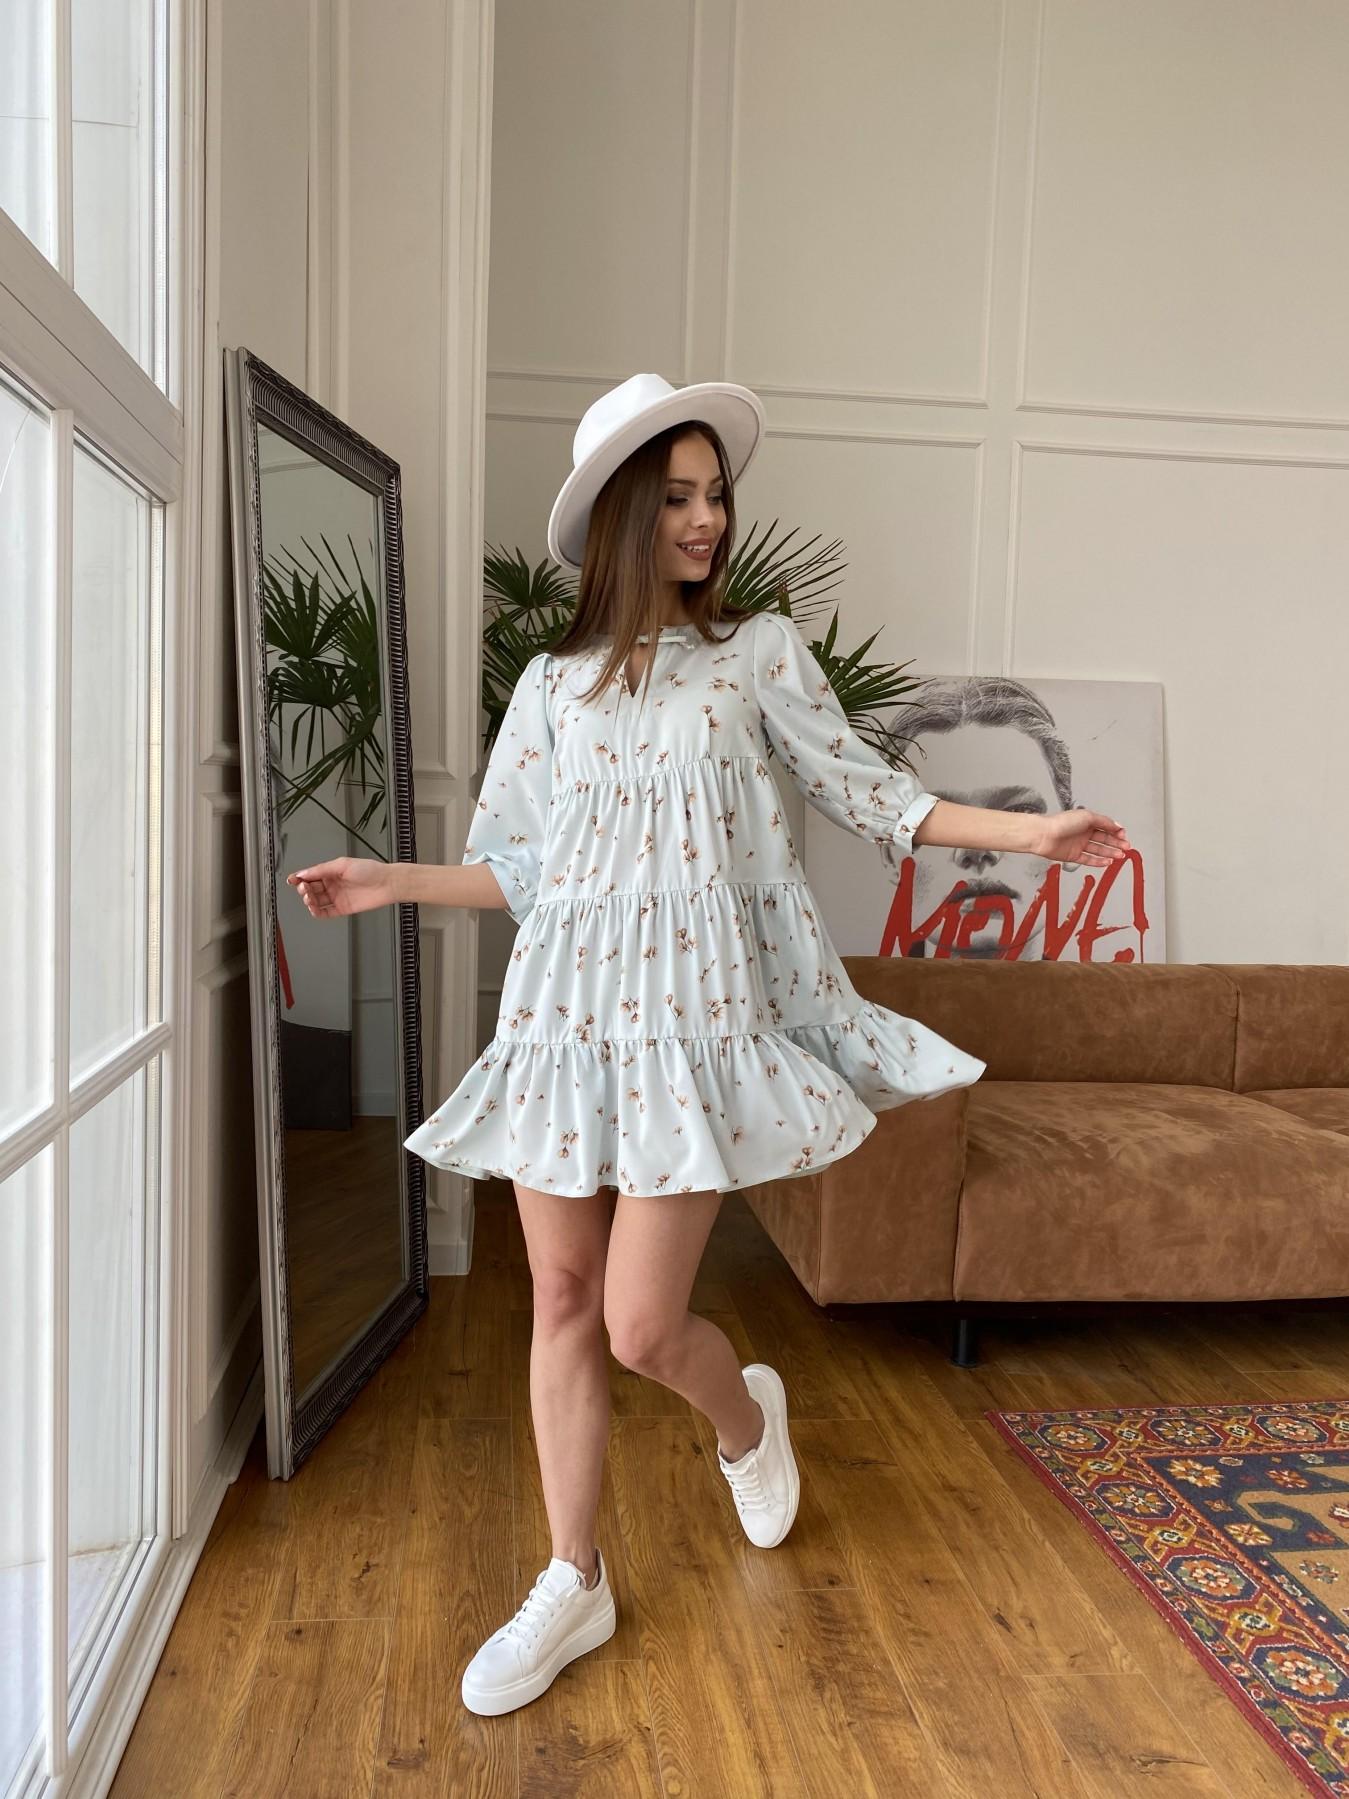 Нинель платье из софта с принтом 11114 АРТ. 47603 Цвет: МятаСв/БежЦветокМел - фото 8, интернет магазин tm-modus.ru